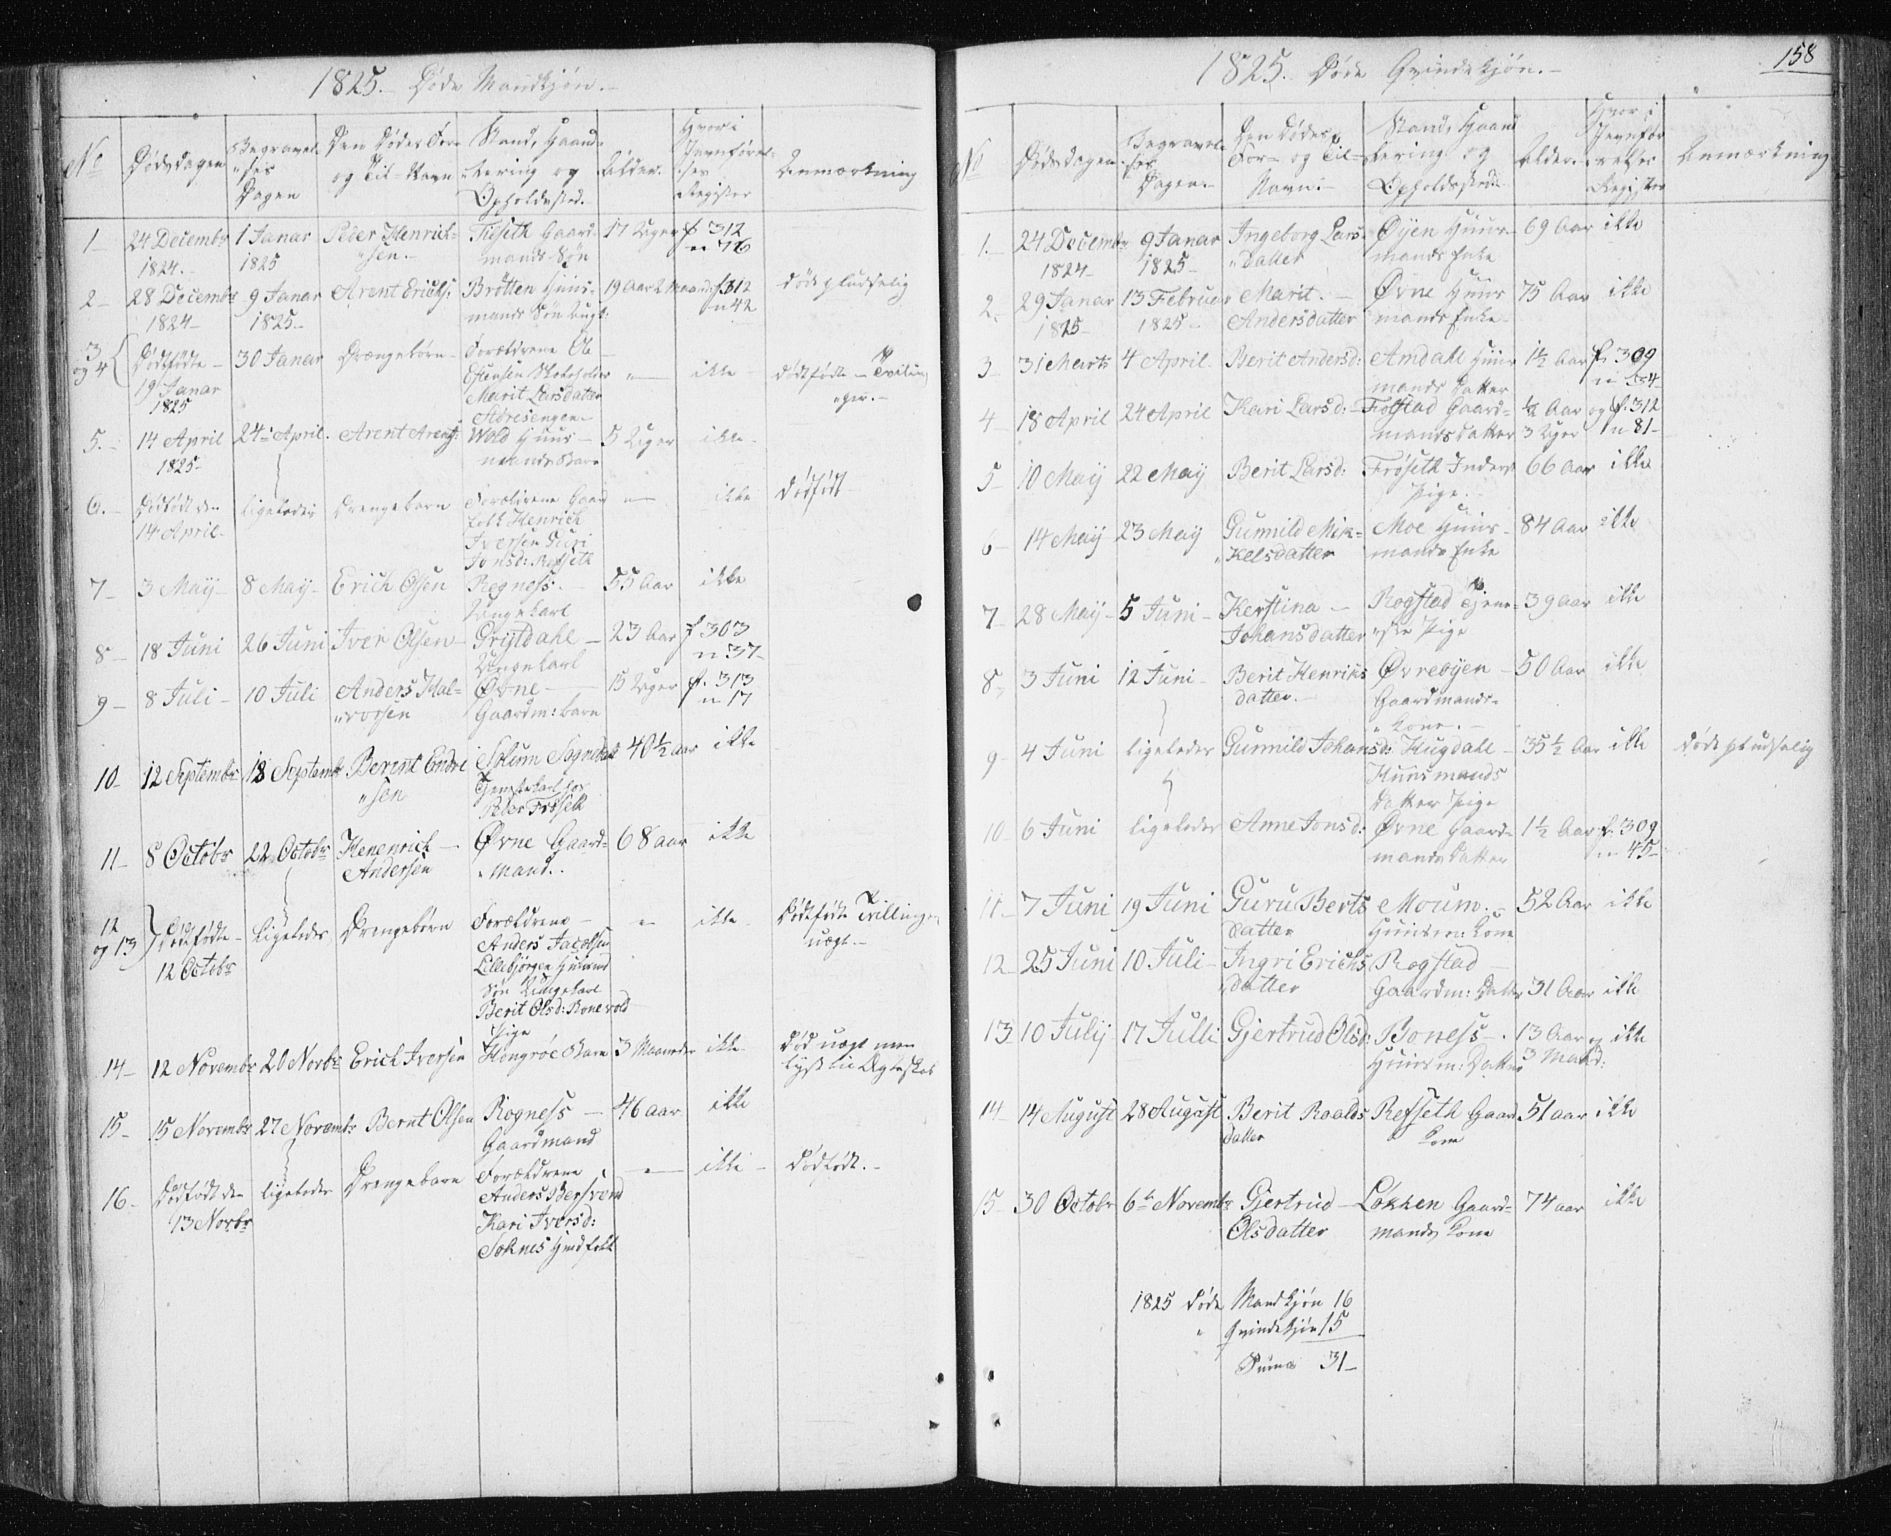 SAT, Ministerialprotokoller, klokkerbøker og fødselsregistre - Sør-Trøndelag, 687/L1017: Klokkerbok nr. 687C01, 1816-1837, s. 158